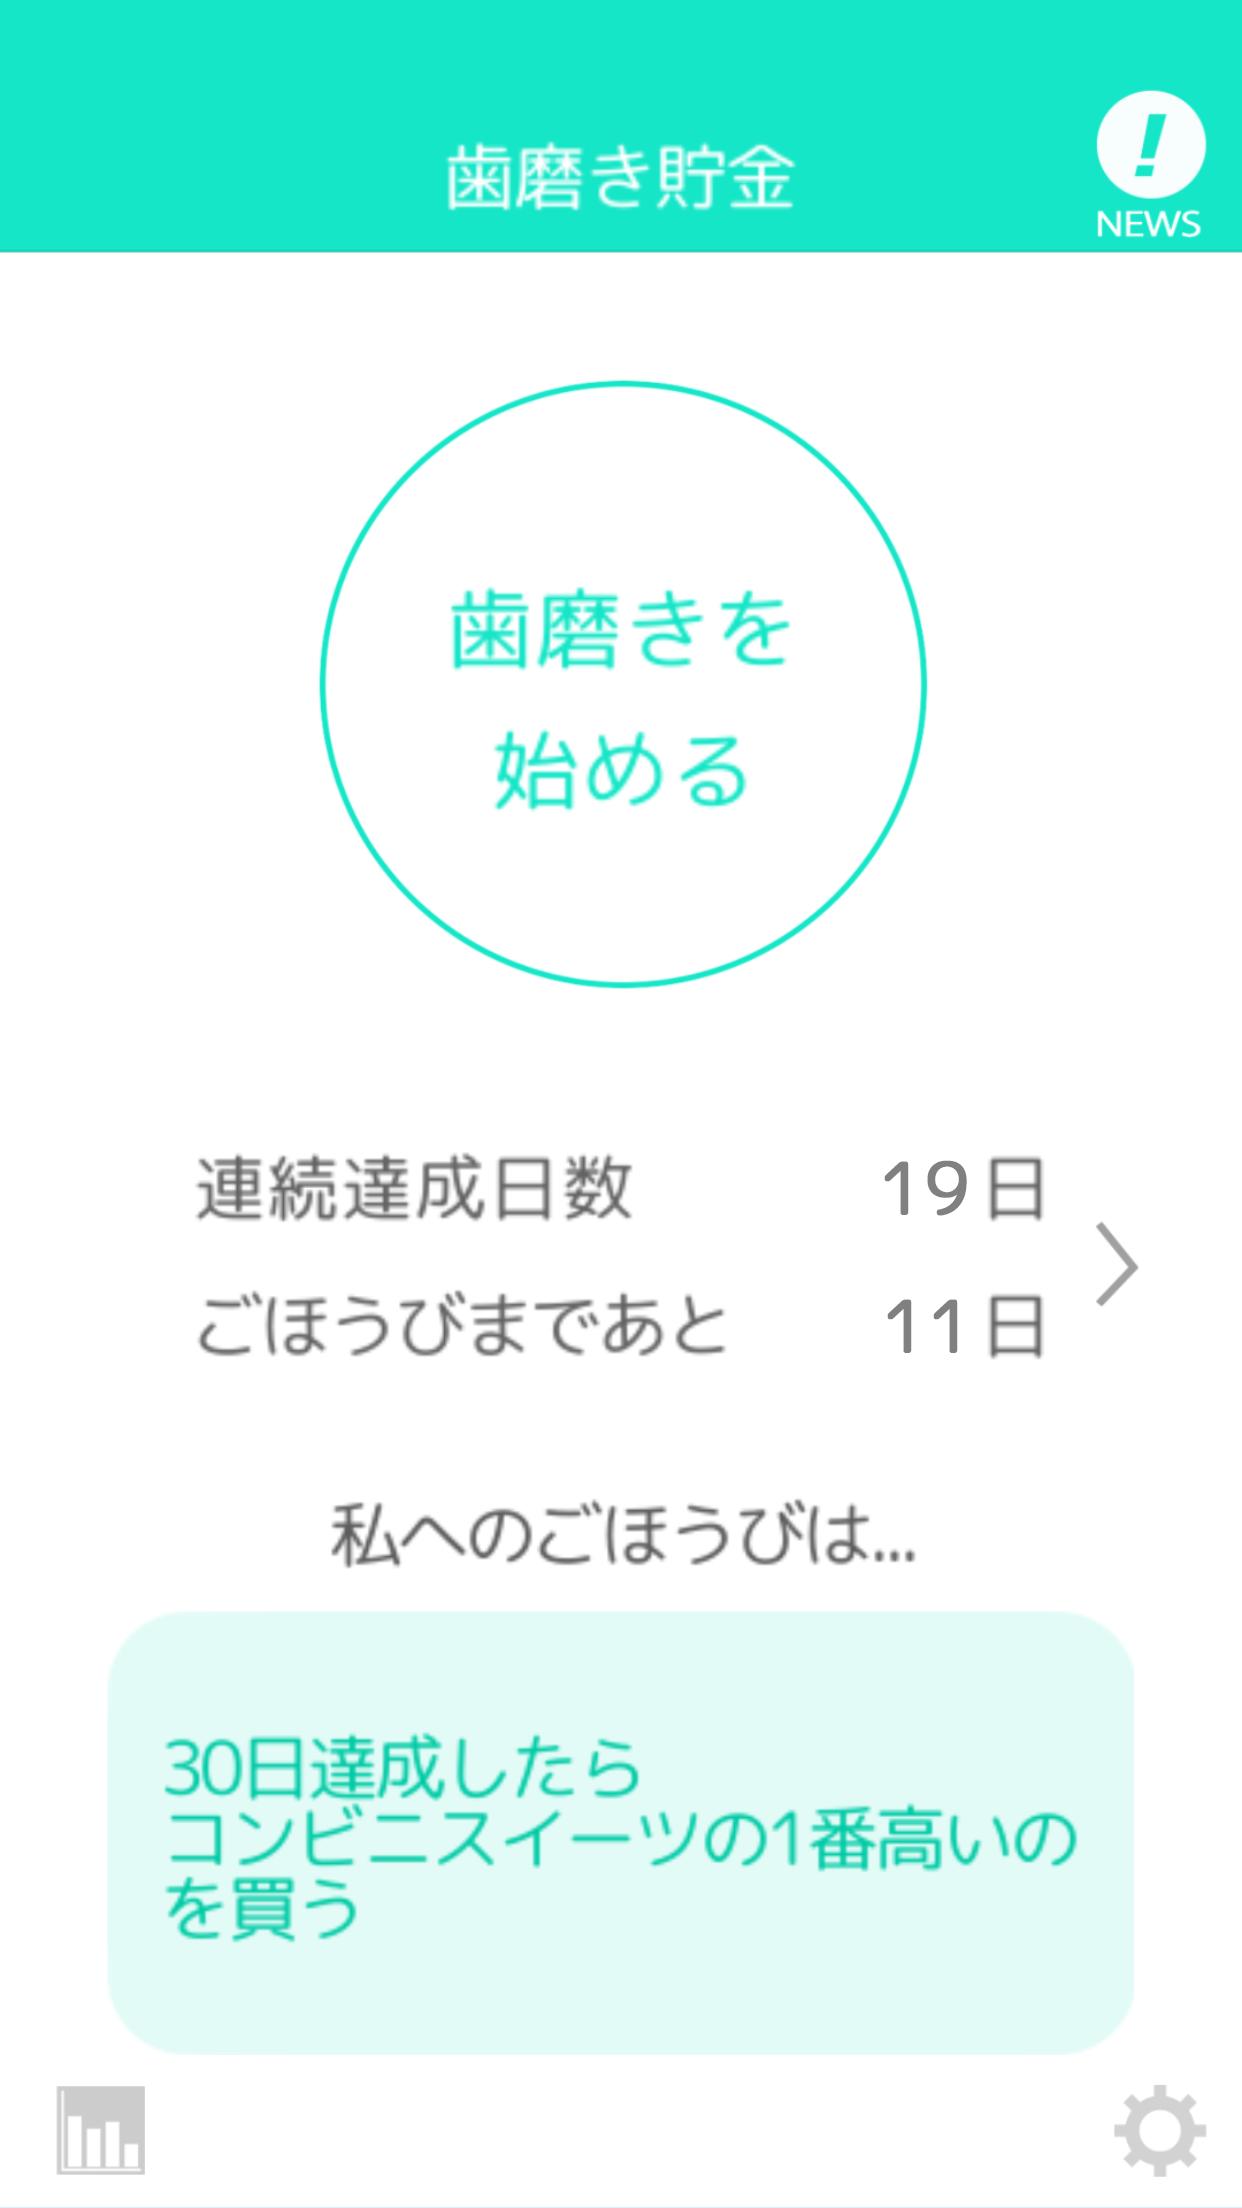 歯磨きアプリ/歯磨き貯金1